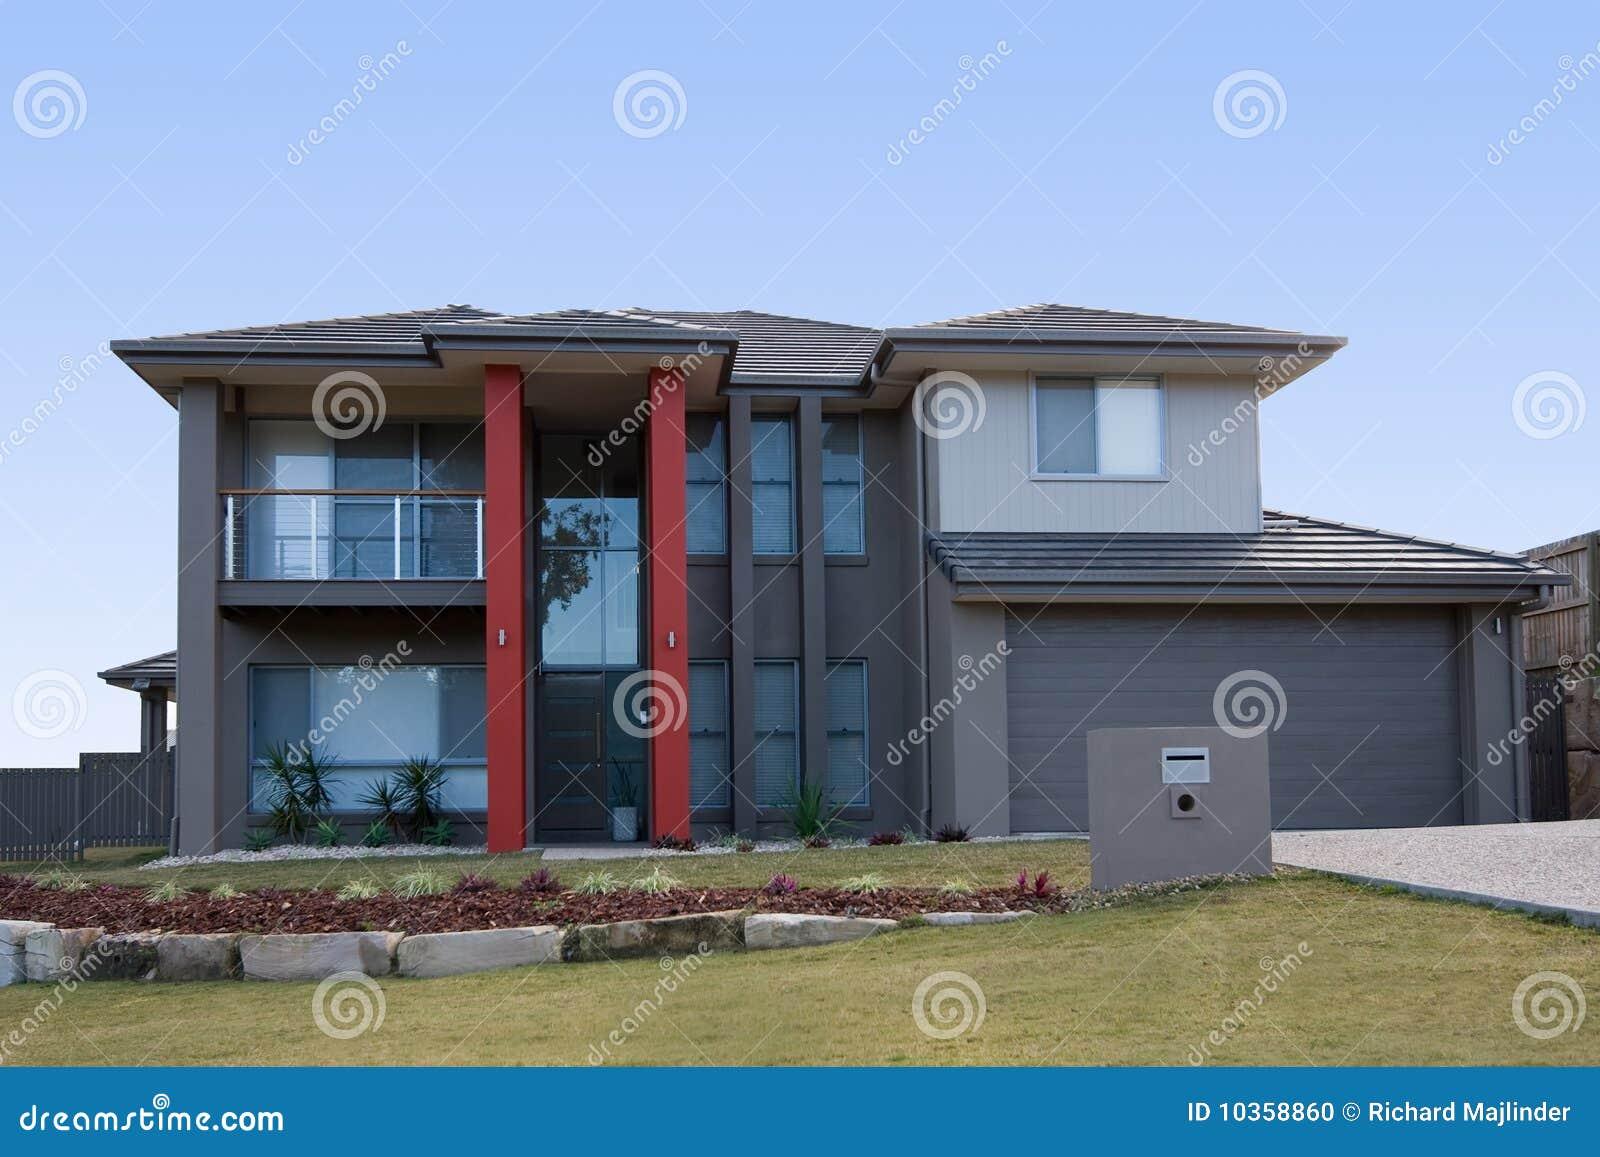 modernes graues haus mit roten pfosten stockfoto bild 10358860. Black Bedroom Furniture Sets. Home Design Ideas